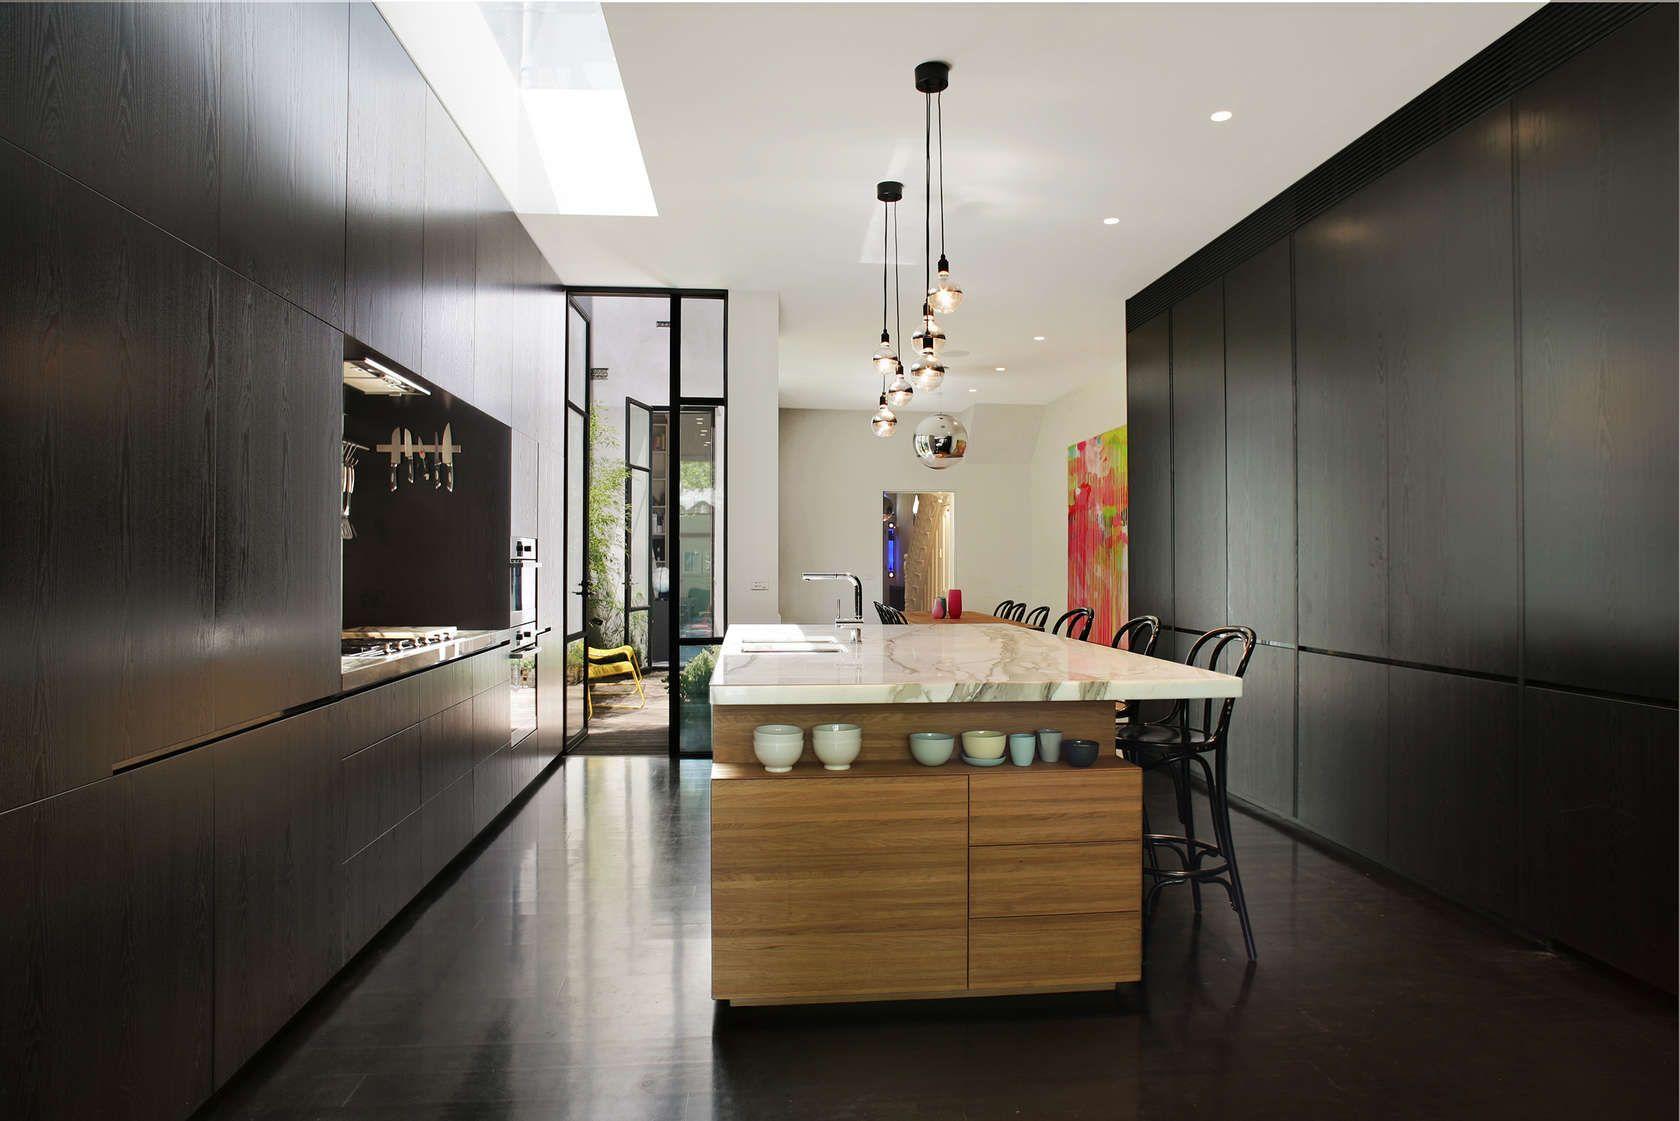 100 idee di cucine moderne con elementi in legno   Colore nero ...